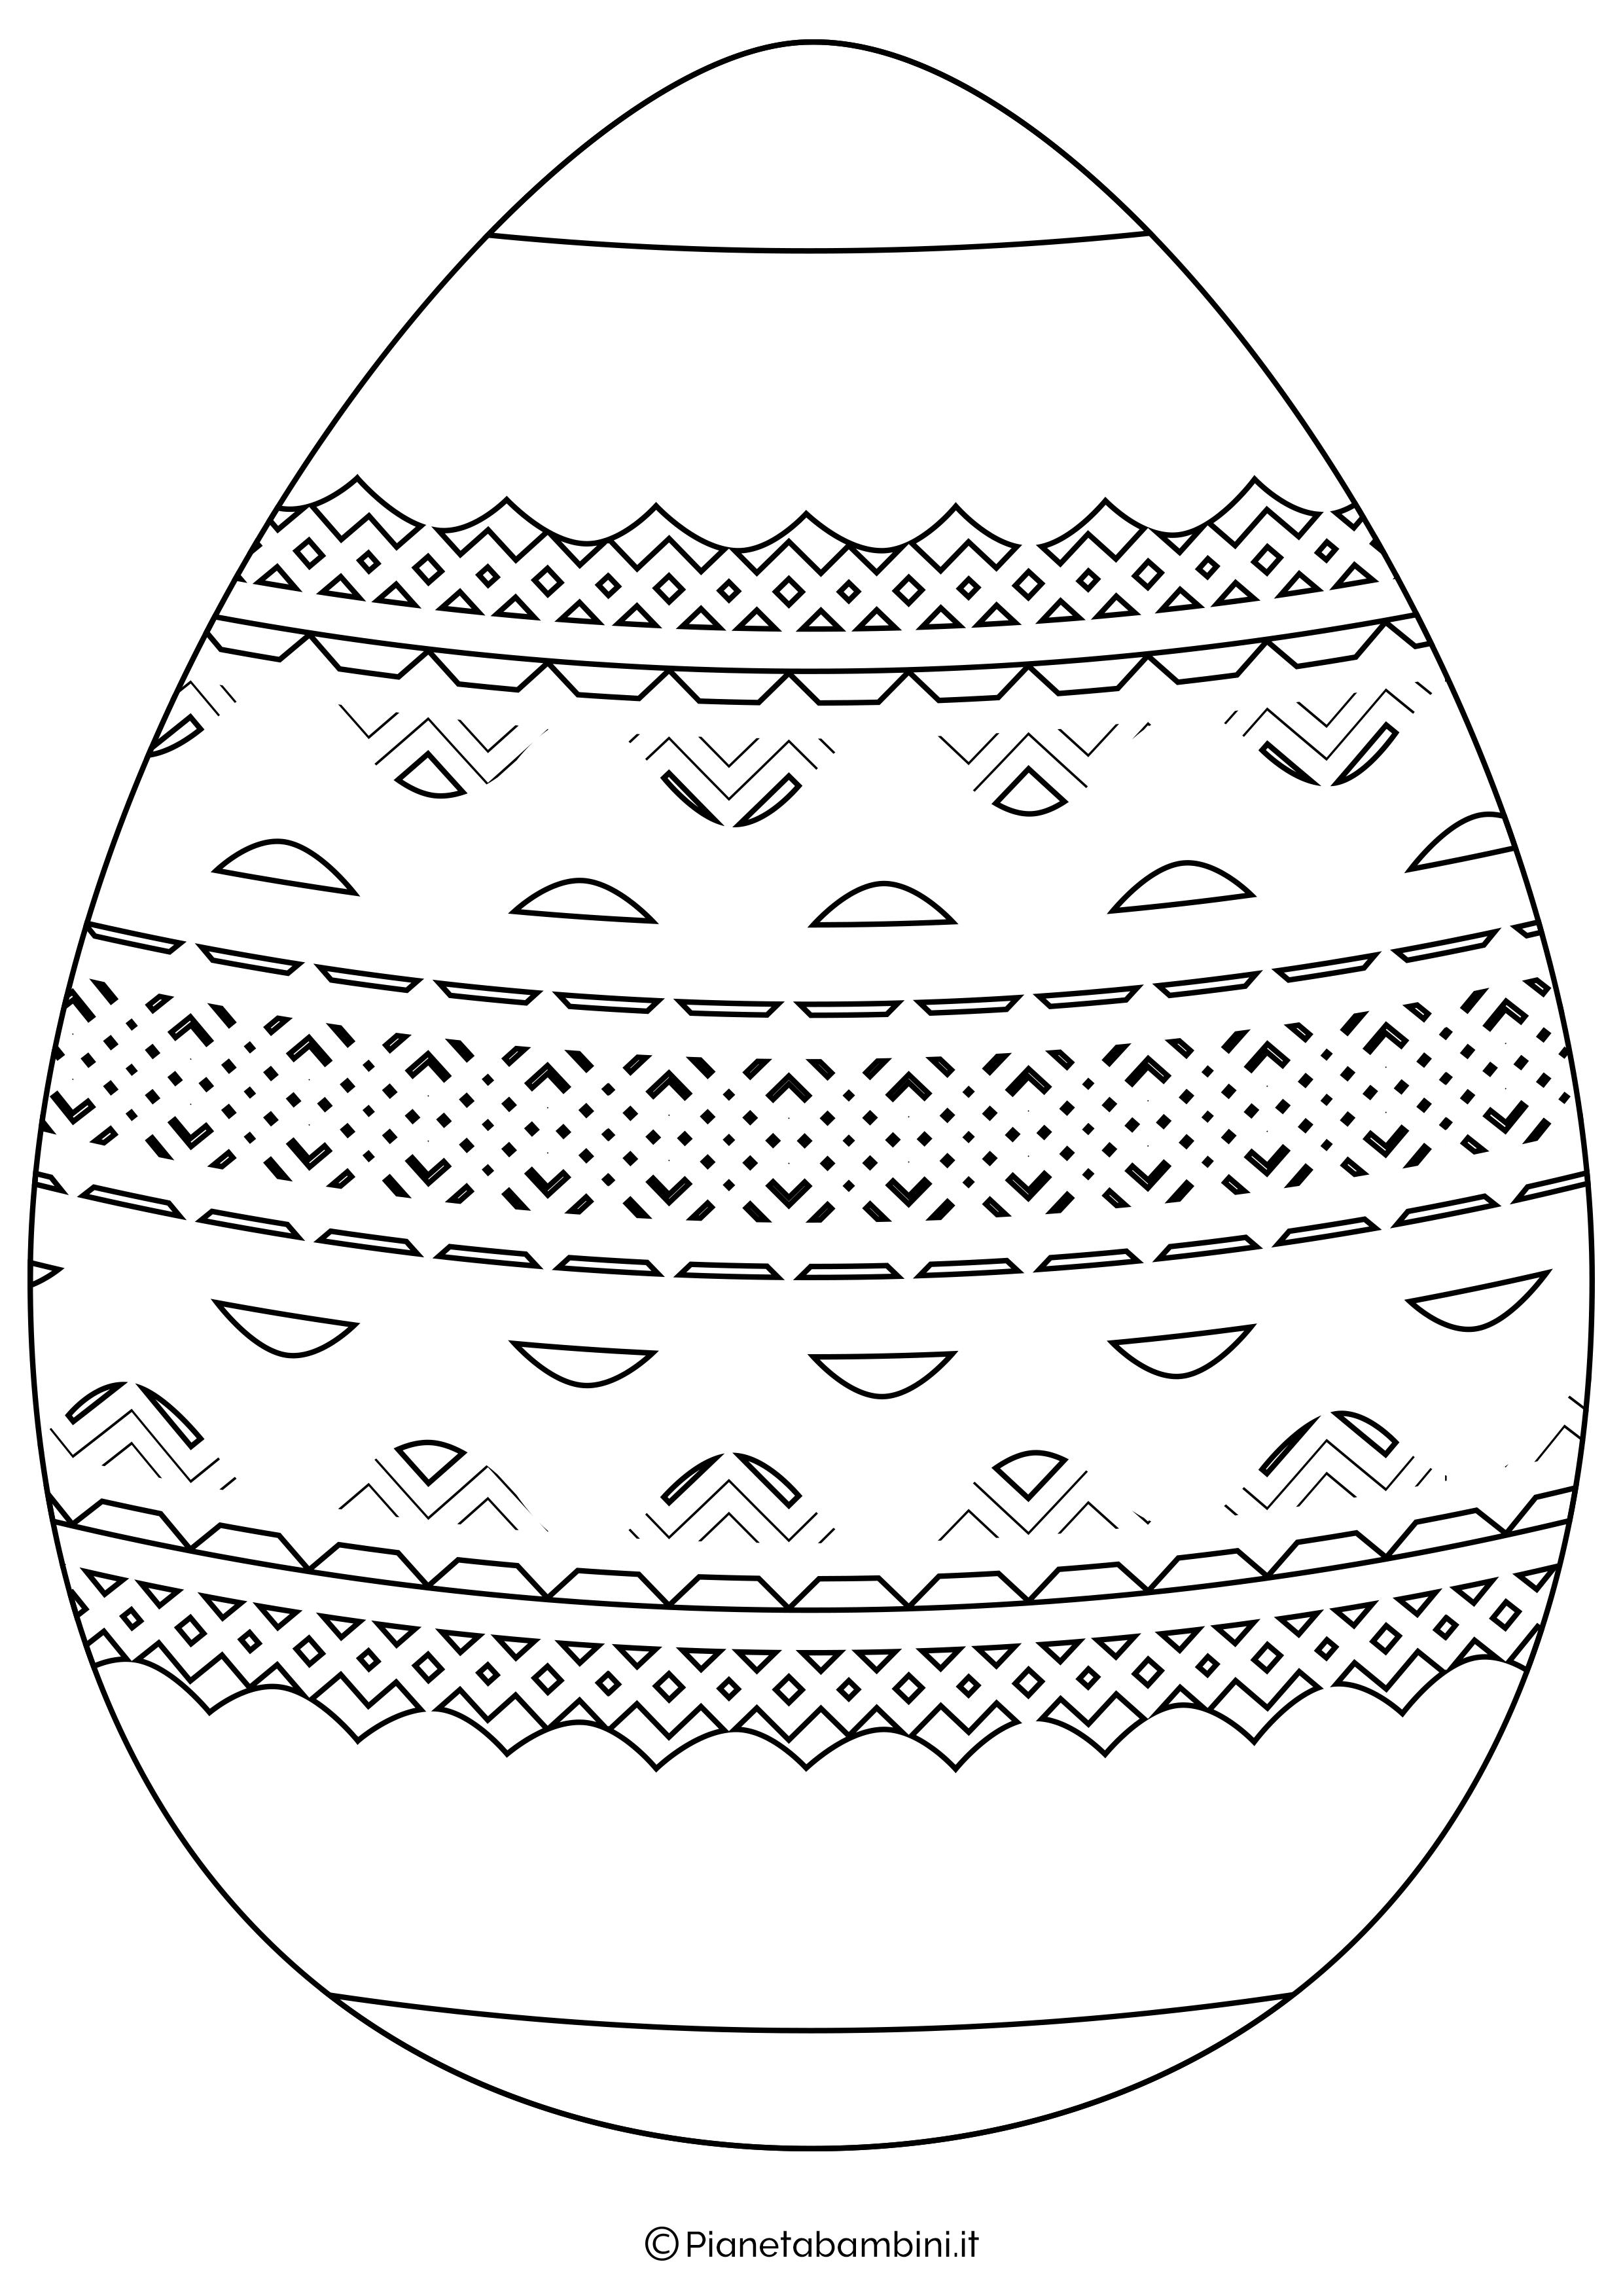 Disegno-Uova-Pasqua-07